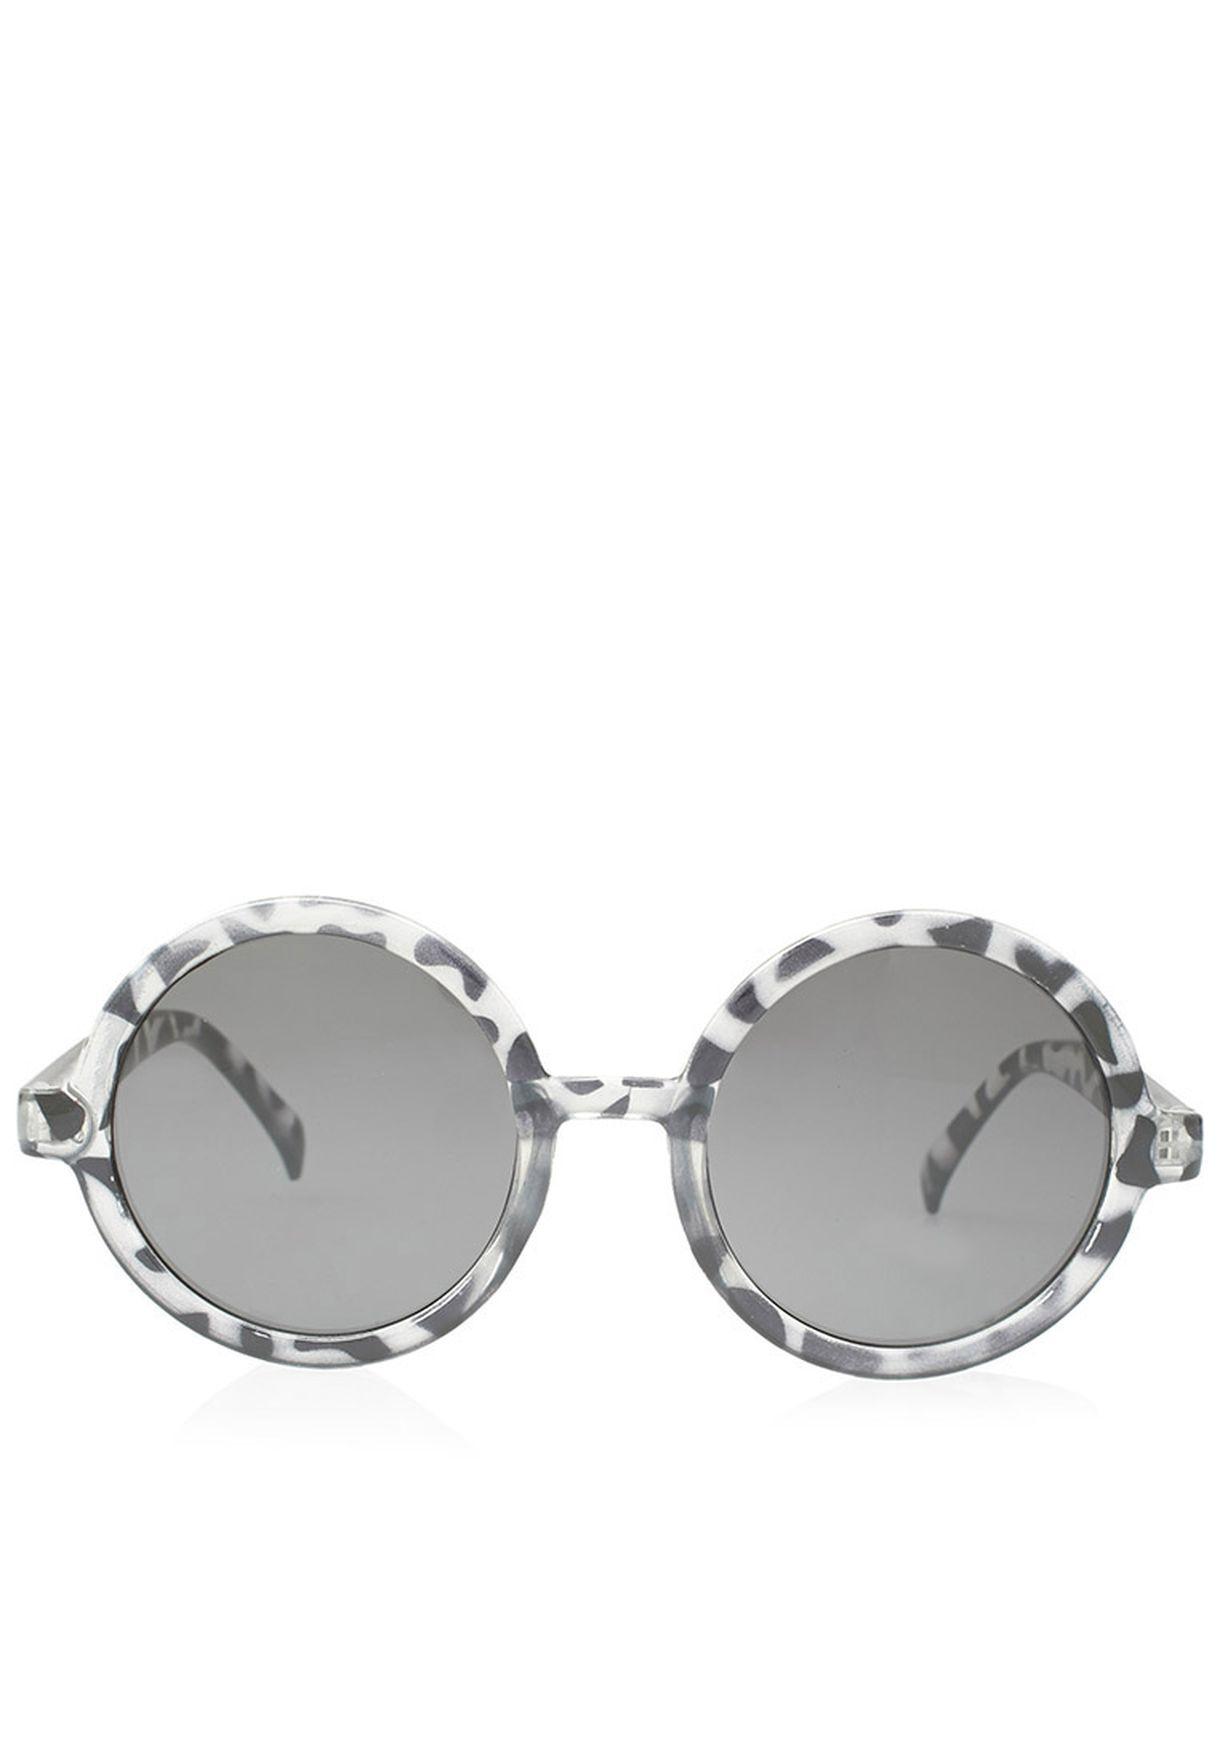 0f360dd0b4 Shop Ella monochrome Round Printed Sunglasses for Women in Oman -  EL314AC70GSZ